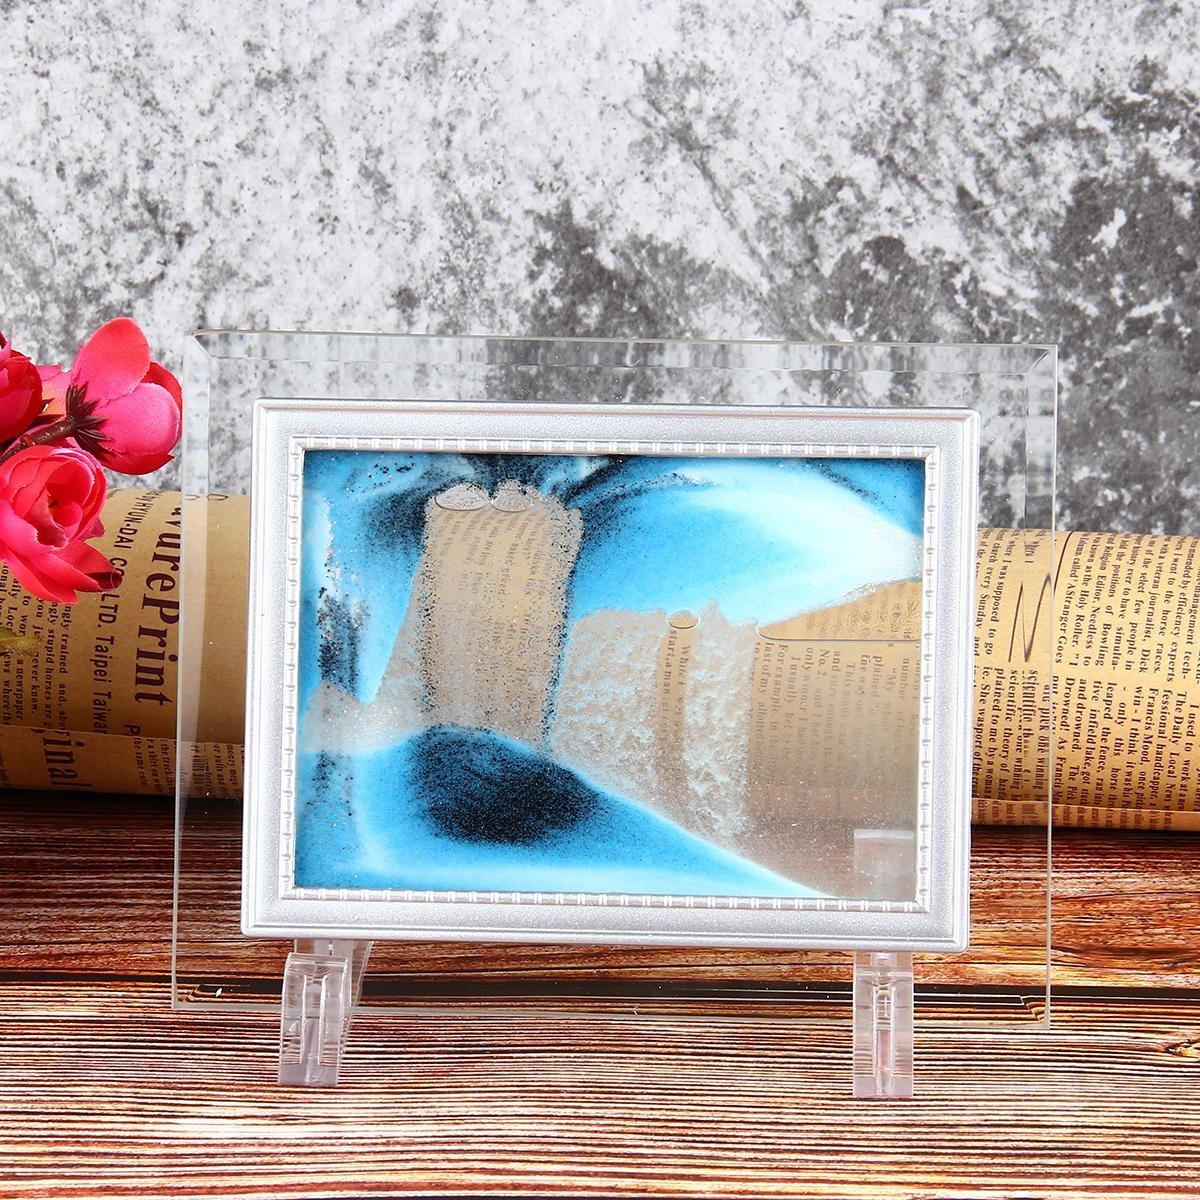 Amazon.de: Aolvo Sand Art Bilder beweglichen 3D Dynamic Vision ...